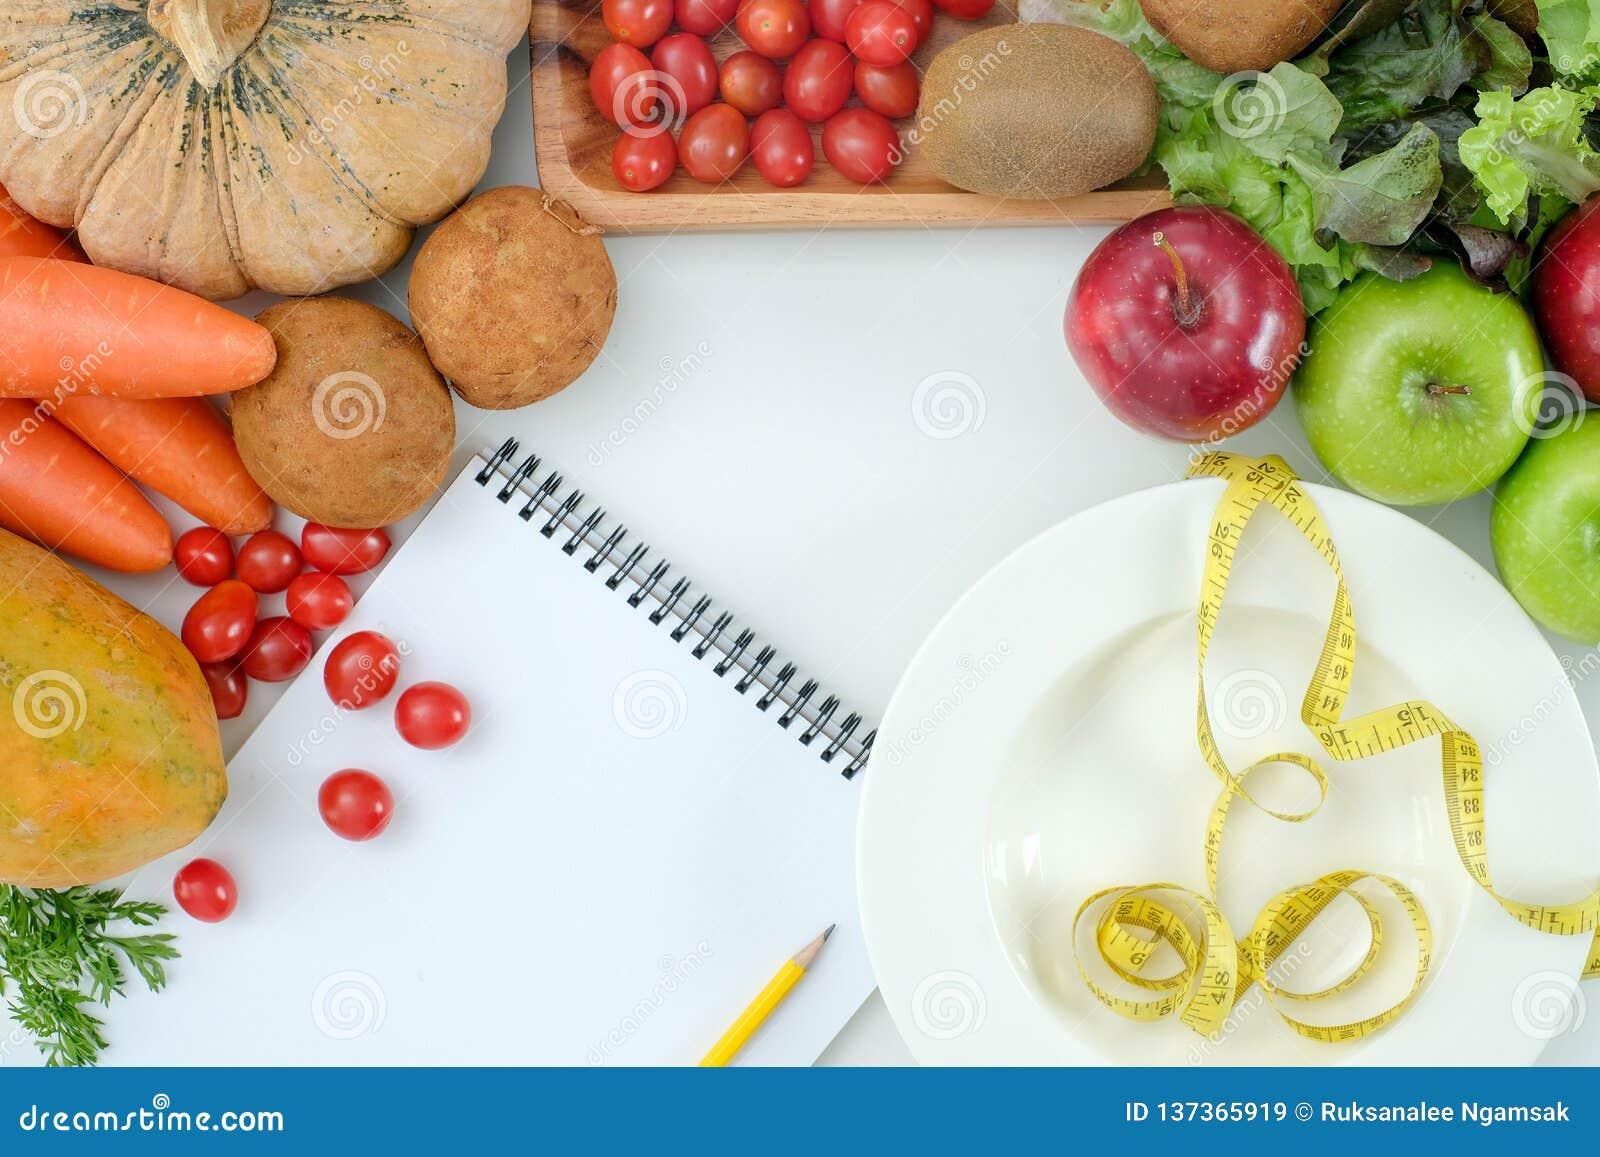 Здоровое диетическое питание весит диету концепции потери Ketogenic